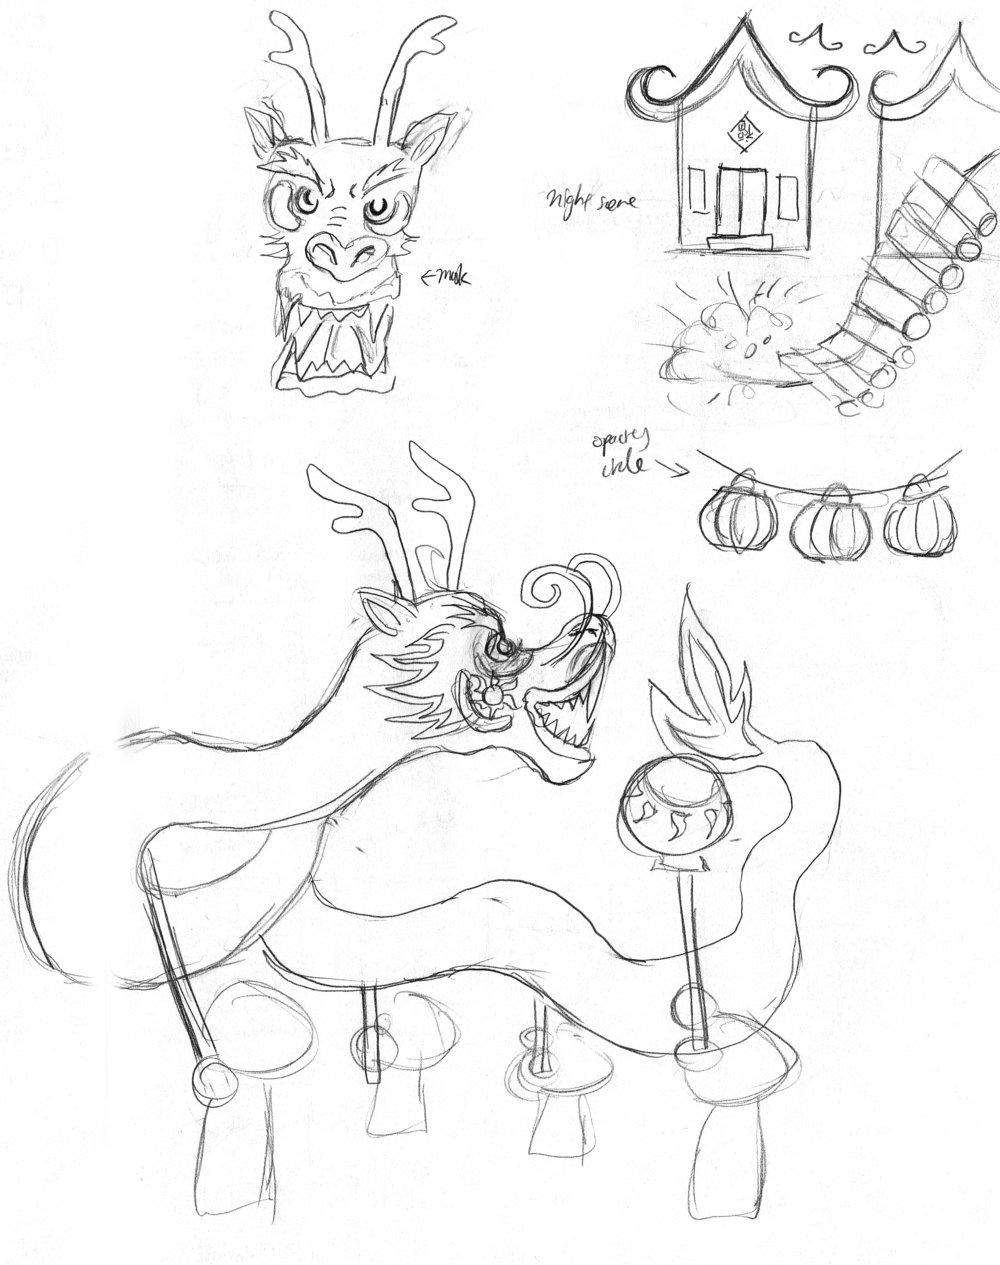 Soliel_sketches 2.jpg